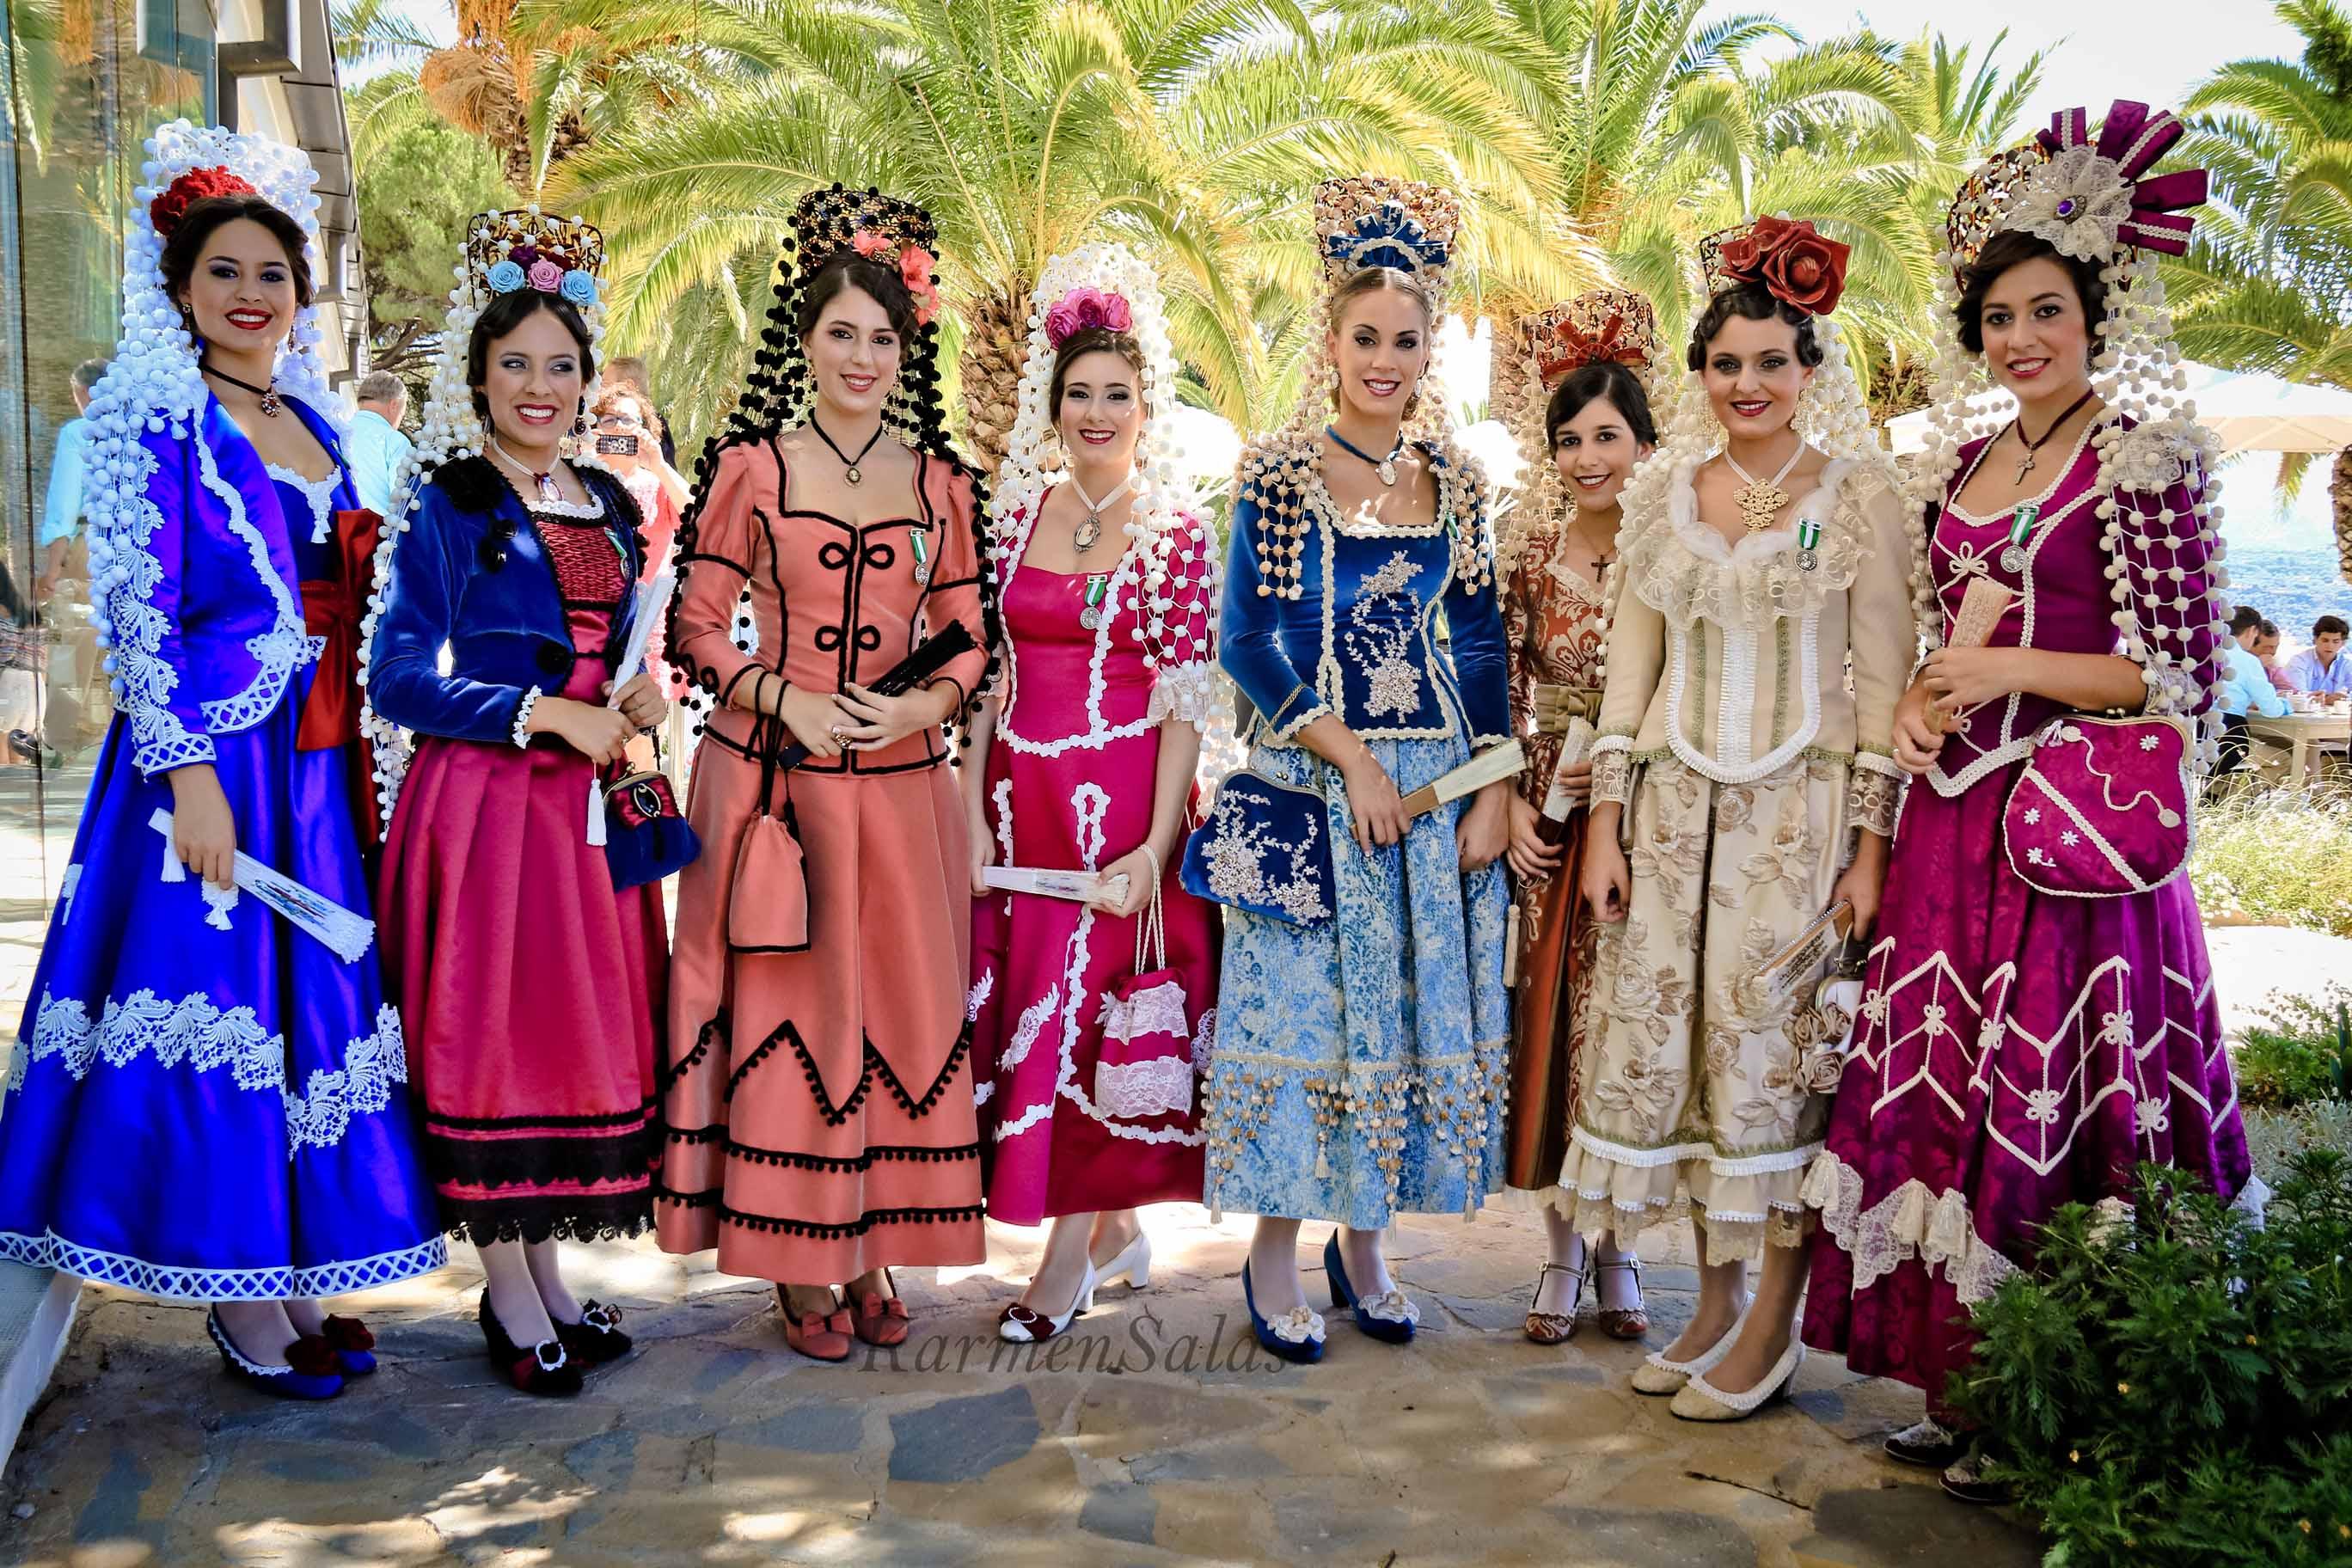 Mujeres vestidas con el traje tradicional de Goyesca